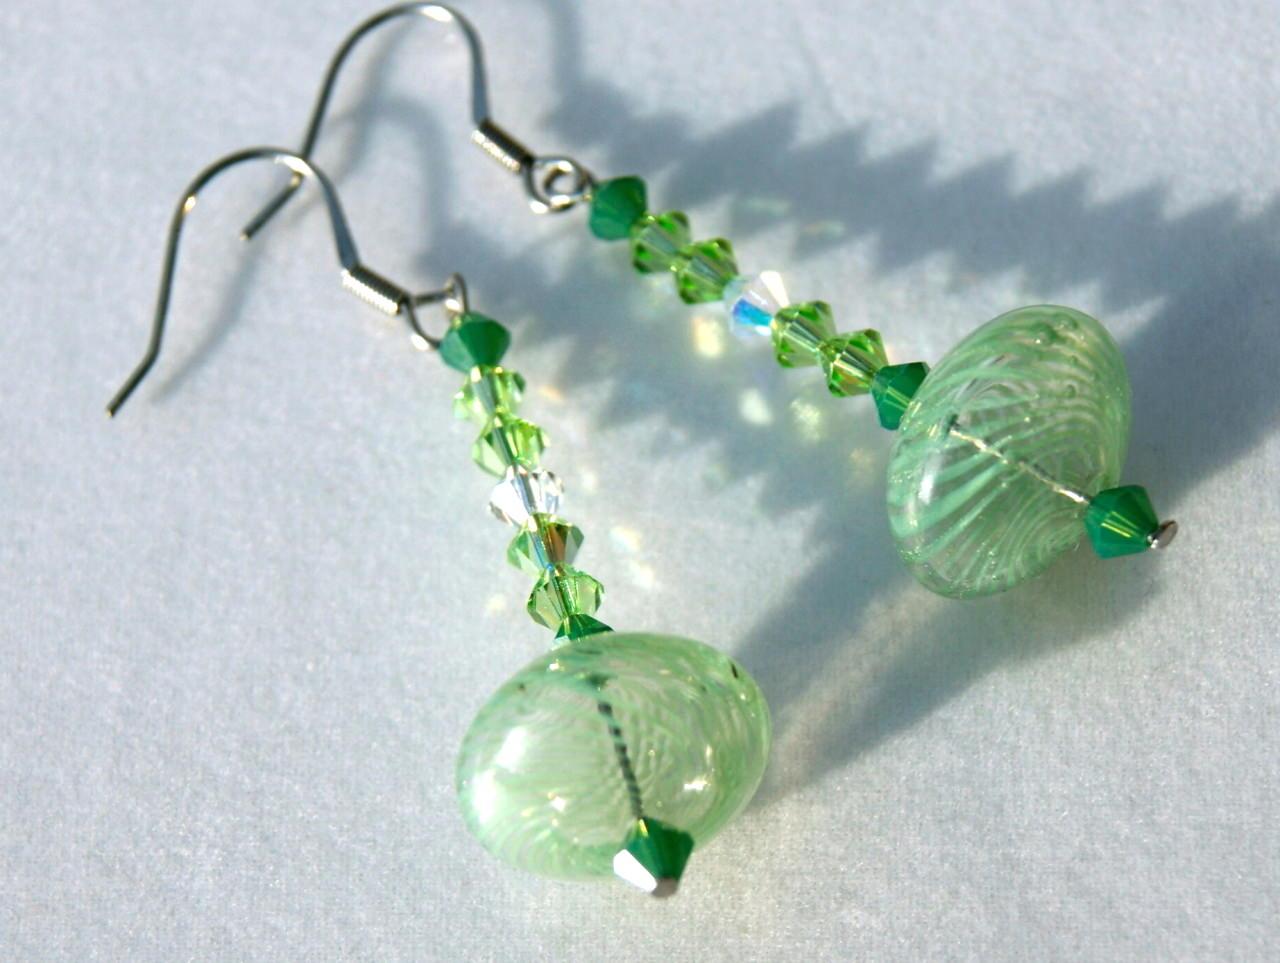 - Ohrhänger UFO grün mundgeblasenes Glas Edelstahl Kristall ausgefallen verspielt originell lang elegant  - Ohrhänger UFO grün mundgeblasenes Glas Edelstahl Kristall ausgefallen verspielt originell lang elegant